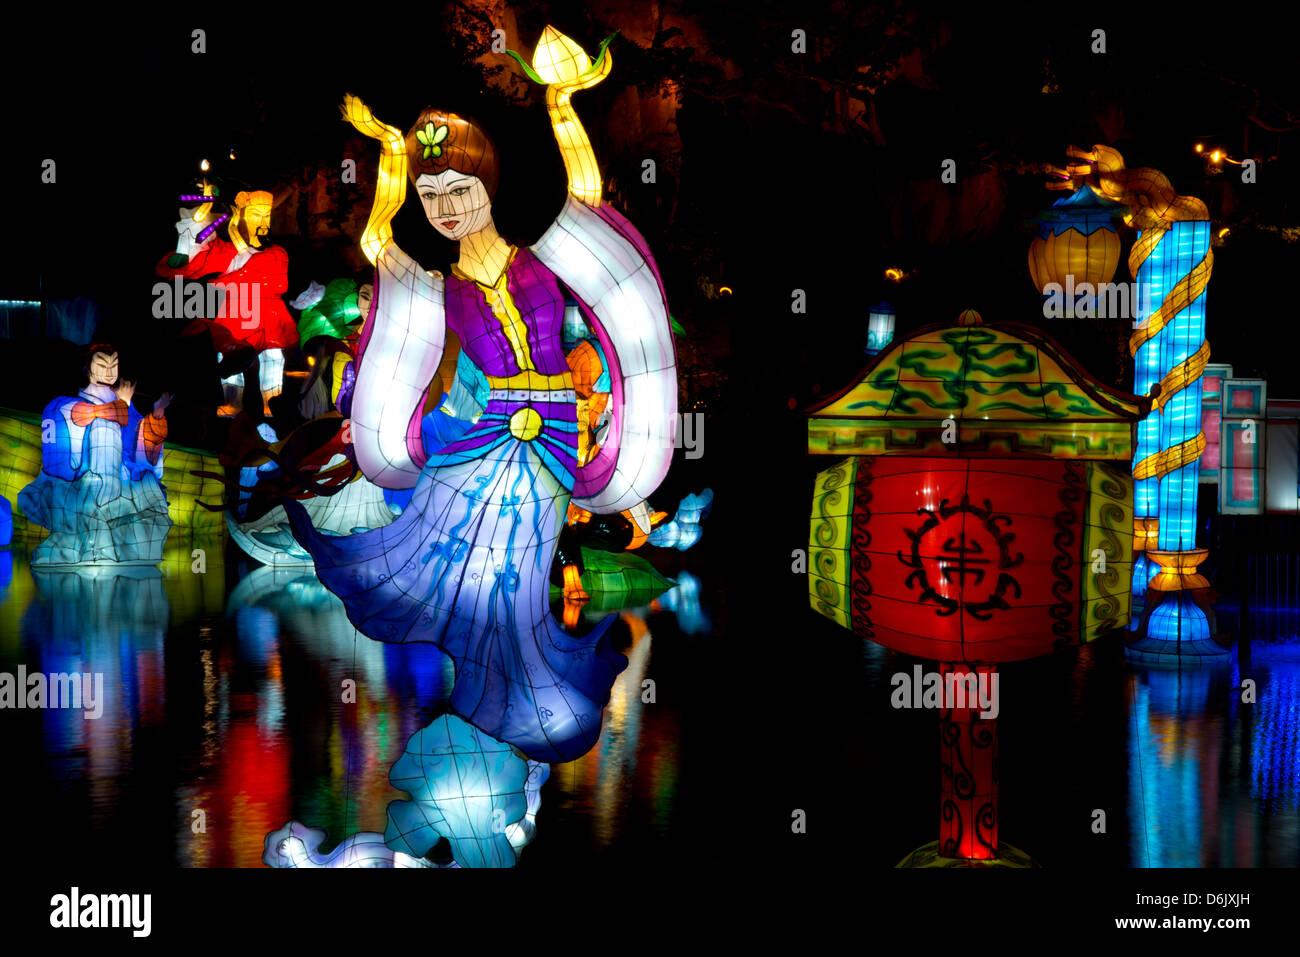 Die Magie der Laternen Festival im chinesischen Garten in Montreal Botanischer Garten, Montreal, Québec, Kanada Stockbild